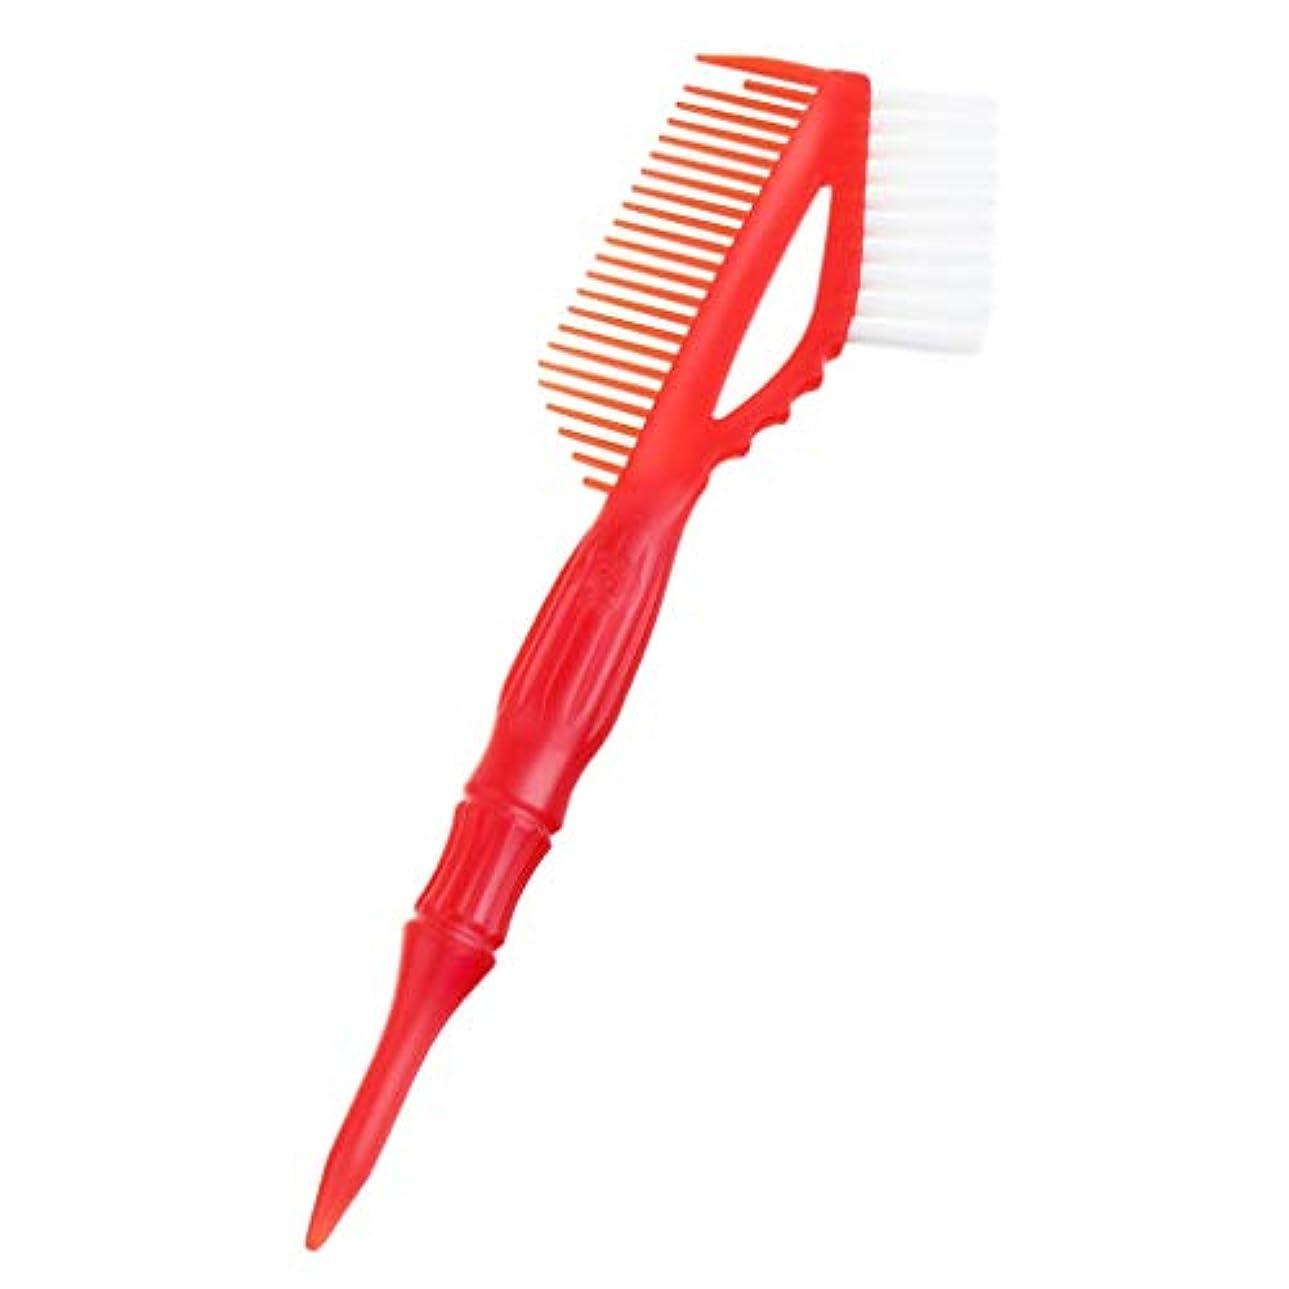 T TOOYFUL 9インチテールコームブラシ - からかいコーム - すべての髪タイプの軽量ラットテールコーム - 赤, 23×7.2×2cm